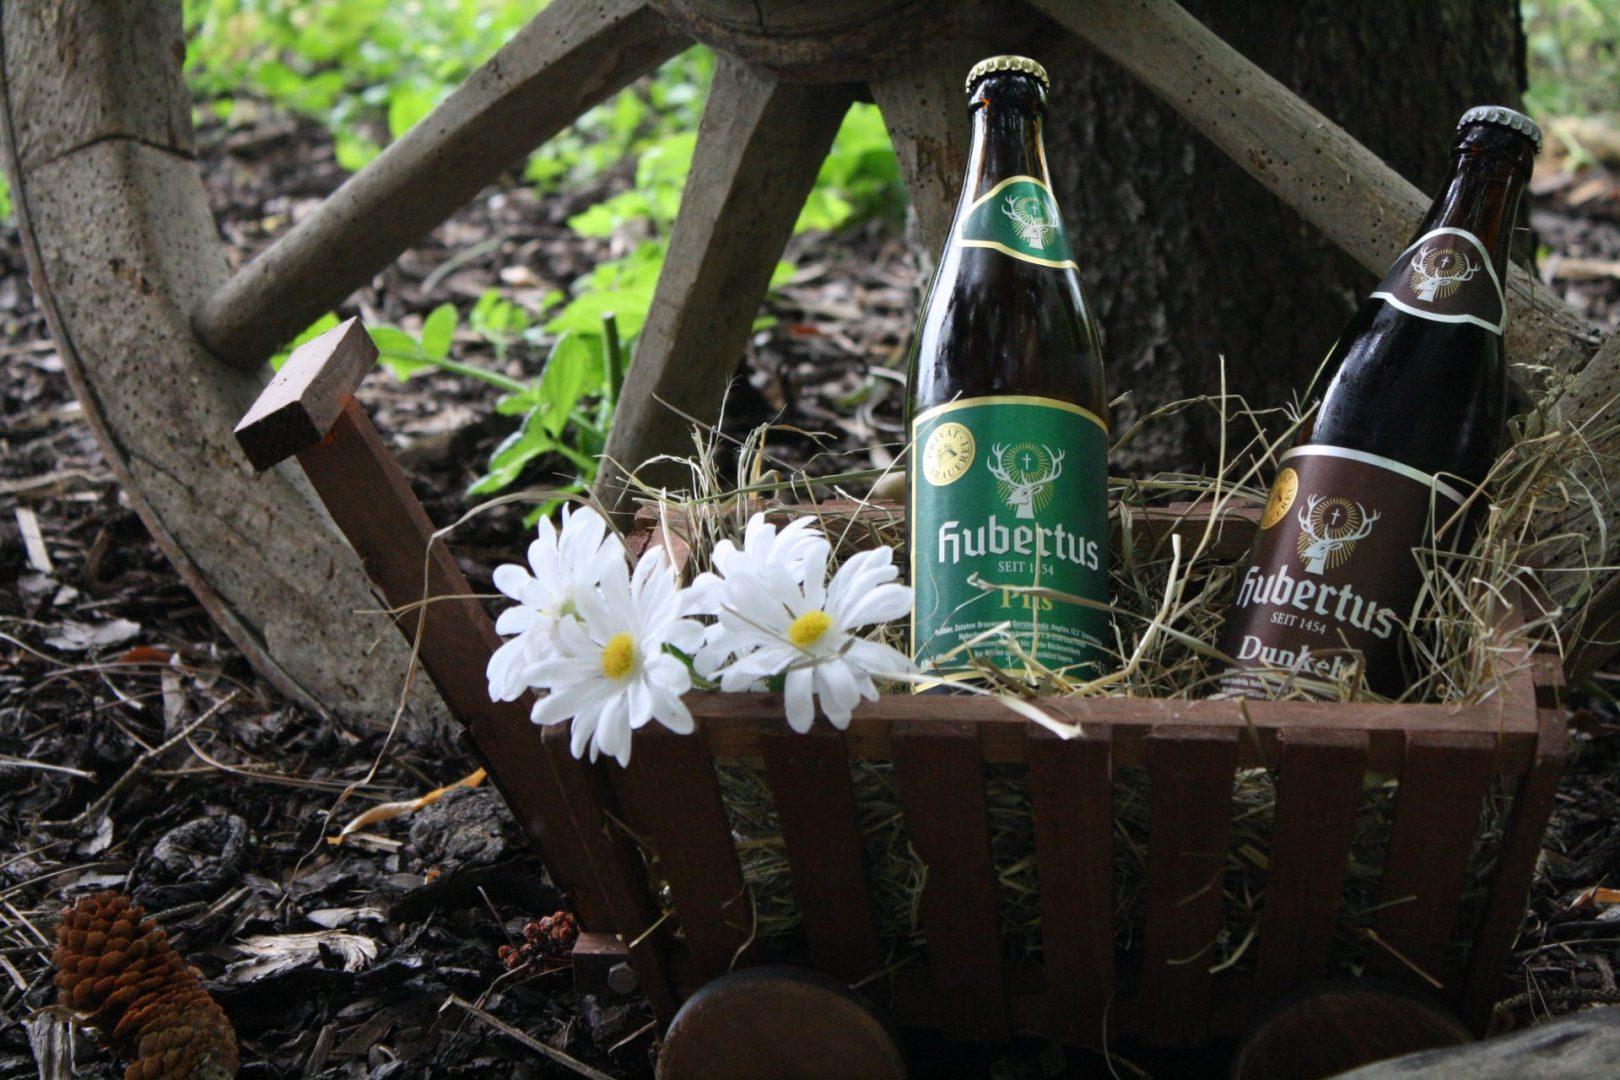 Bierflaschen im Korb